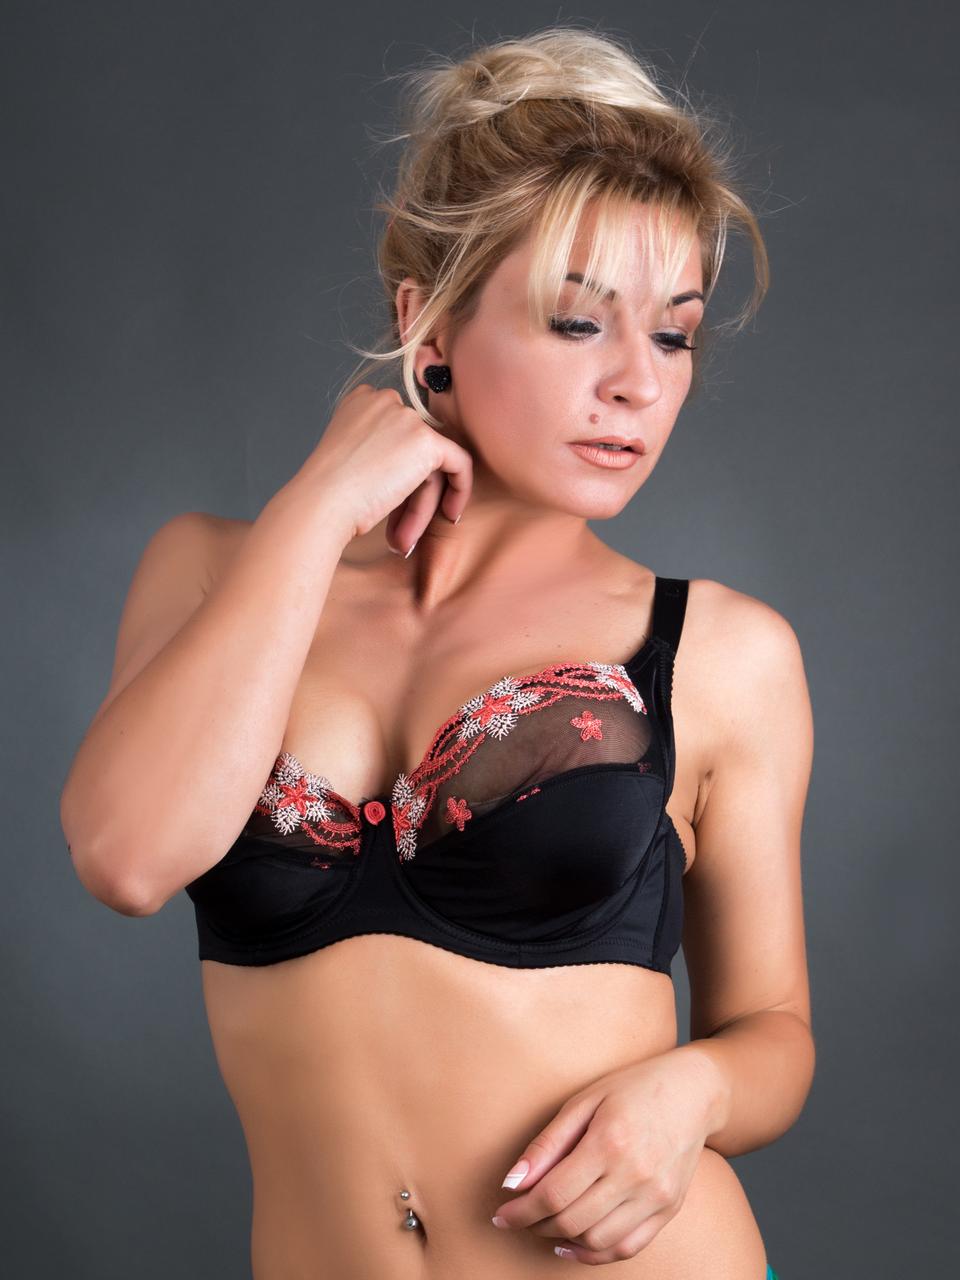 Бюстгальтер Diorella 33906E, цвет Черно-Коричневый, размер 80E